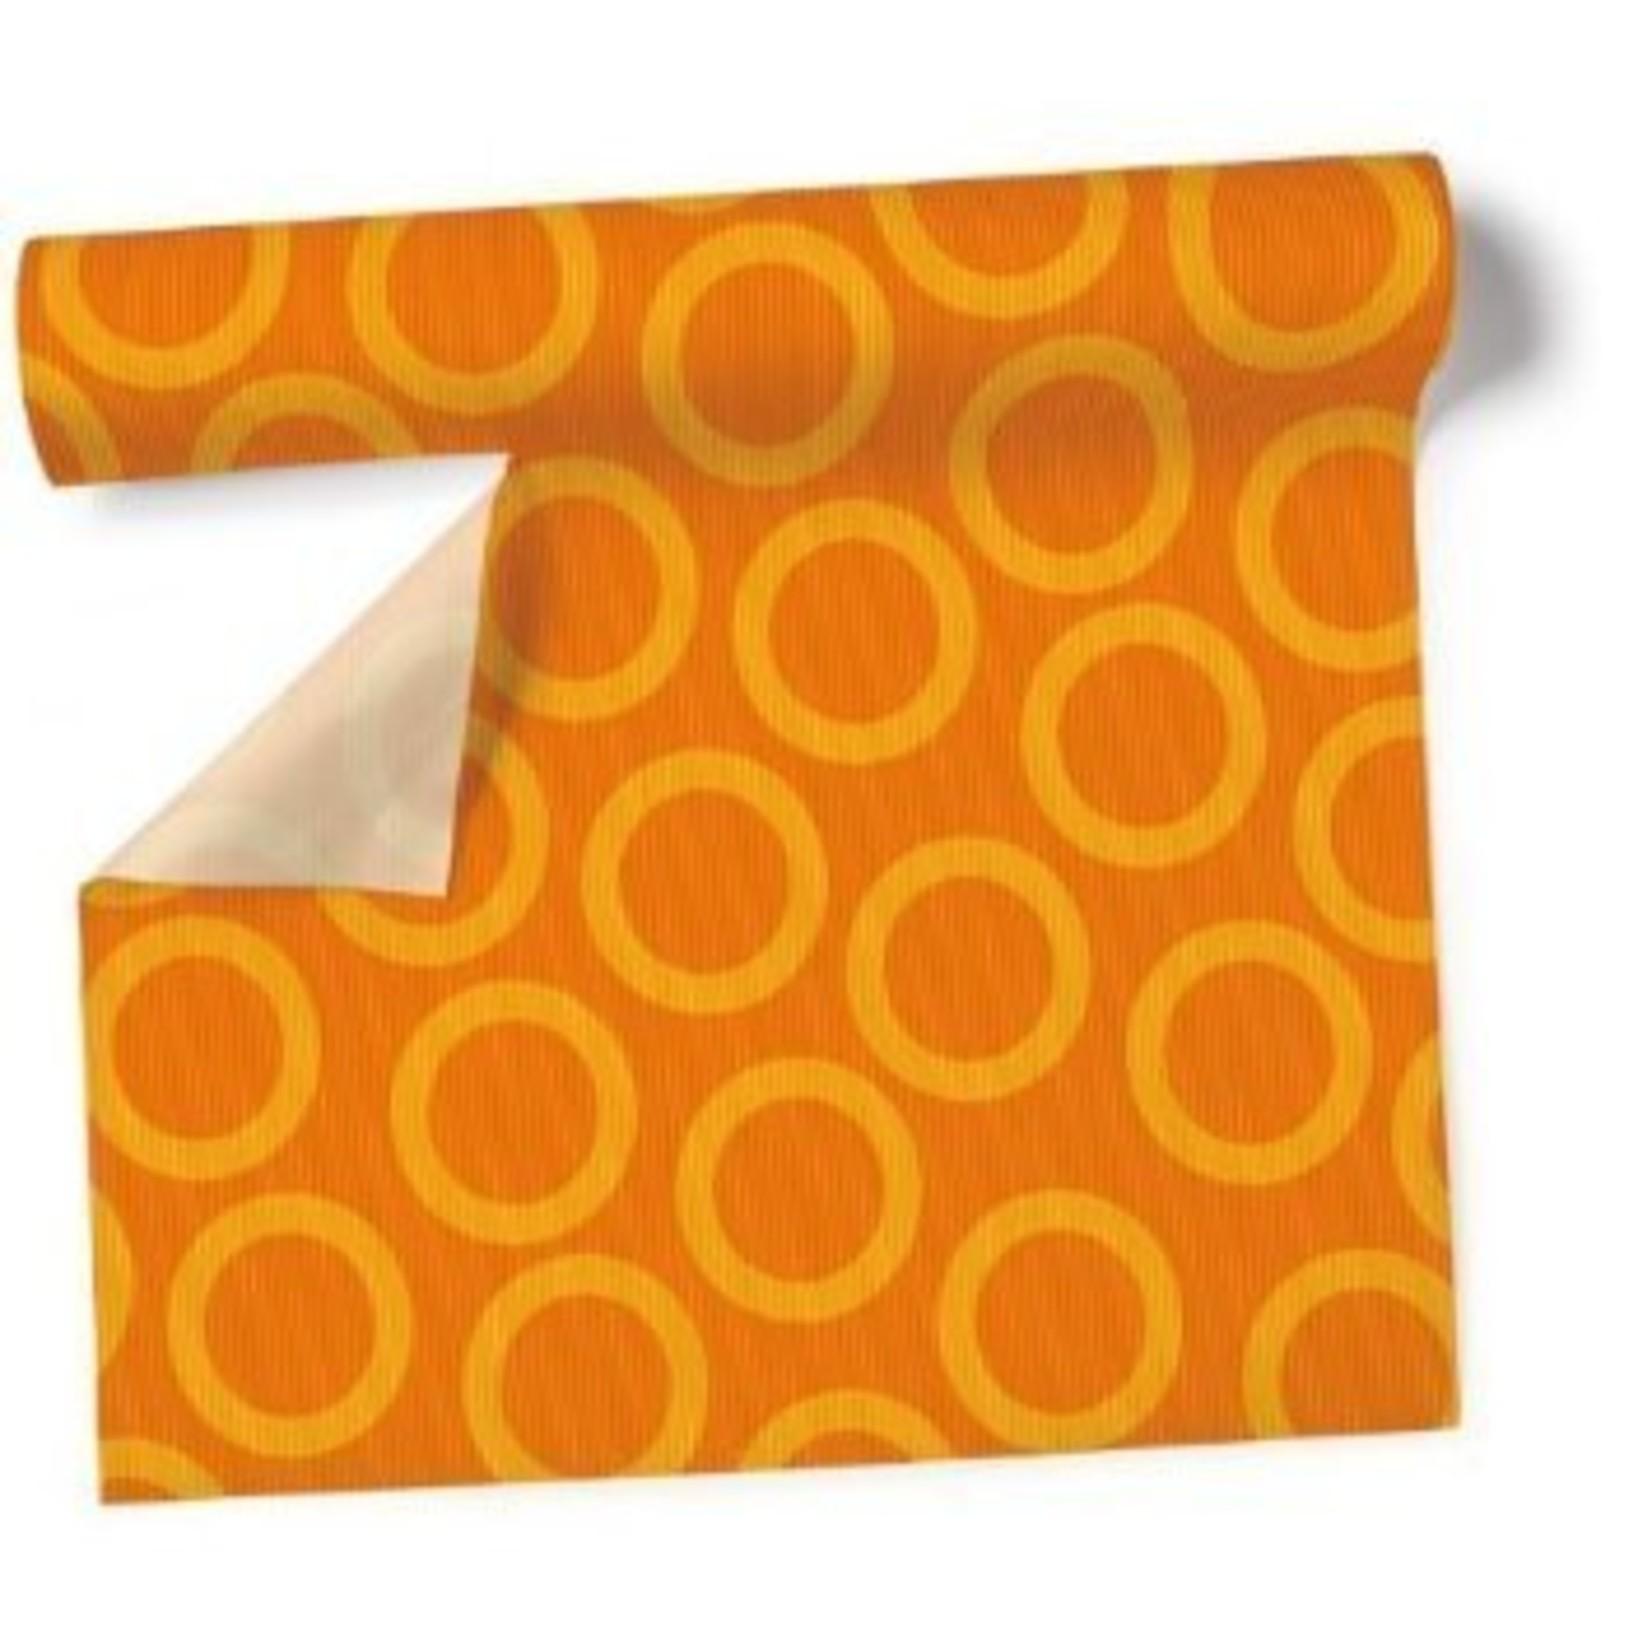 Airlaid Table Runner- Orange Circles (360cm x 40cm)